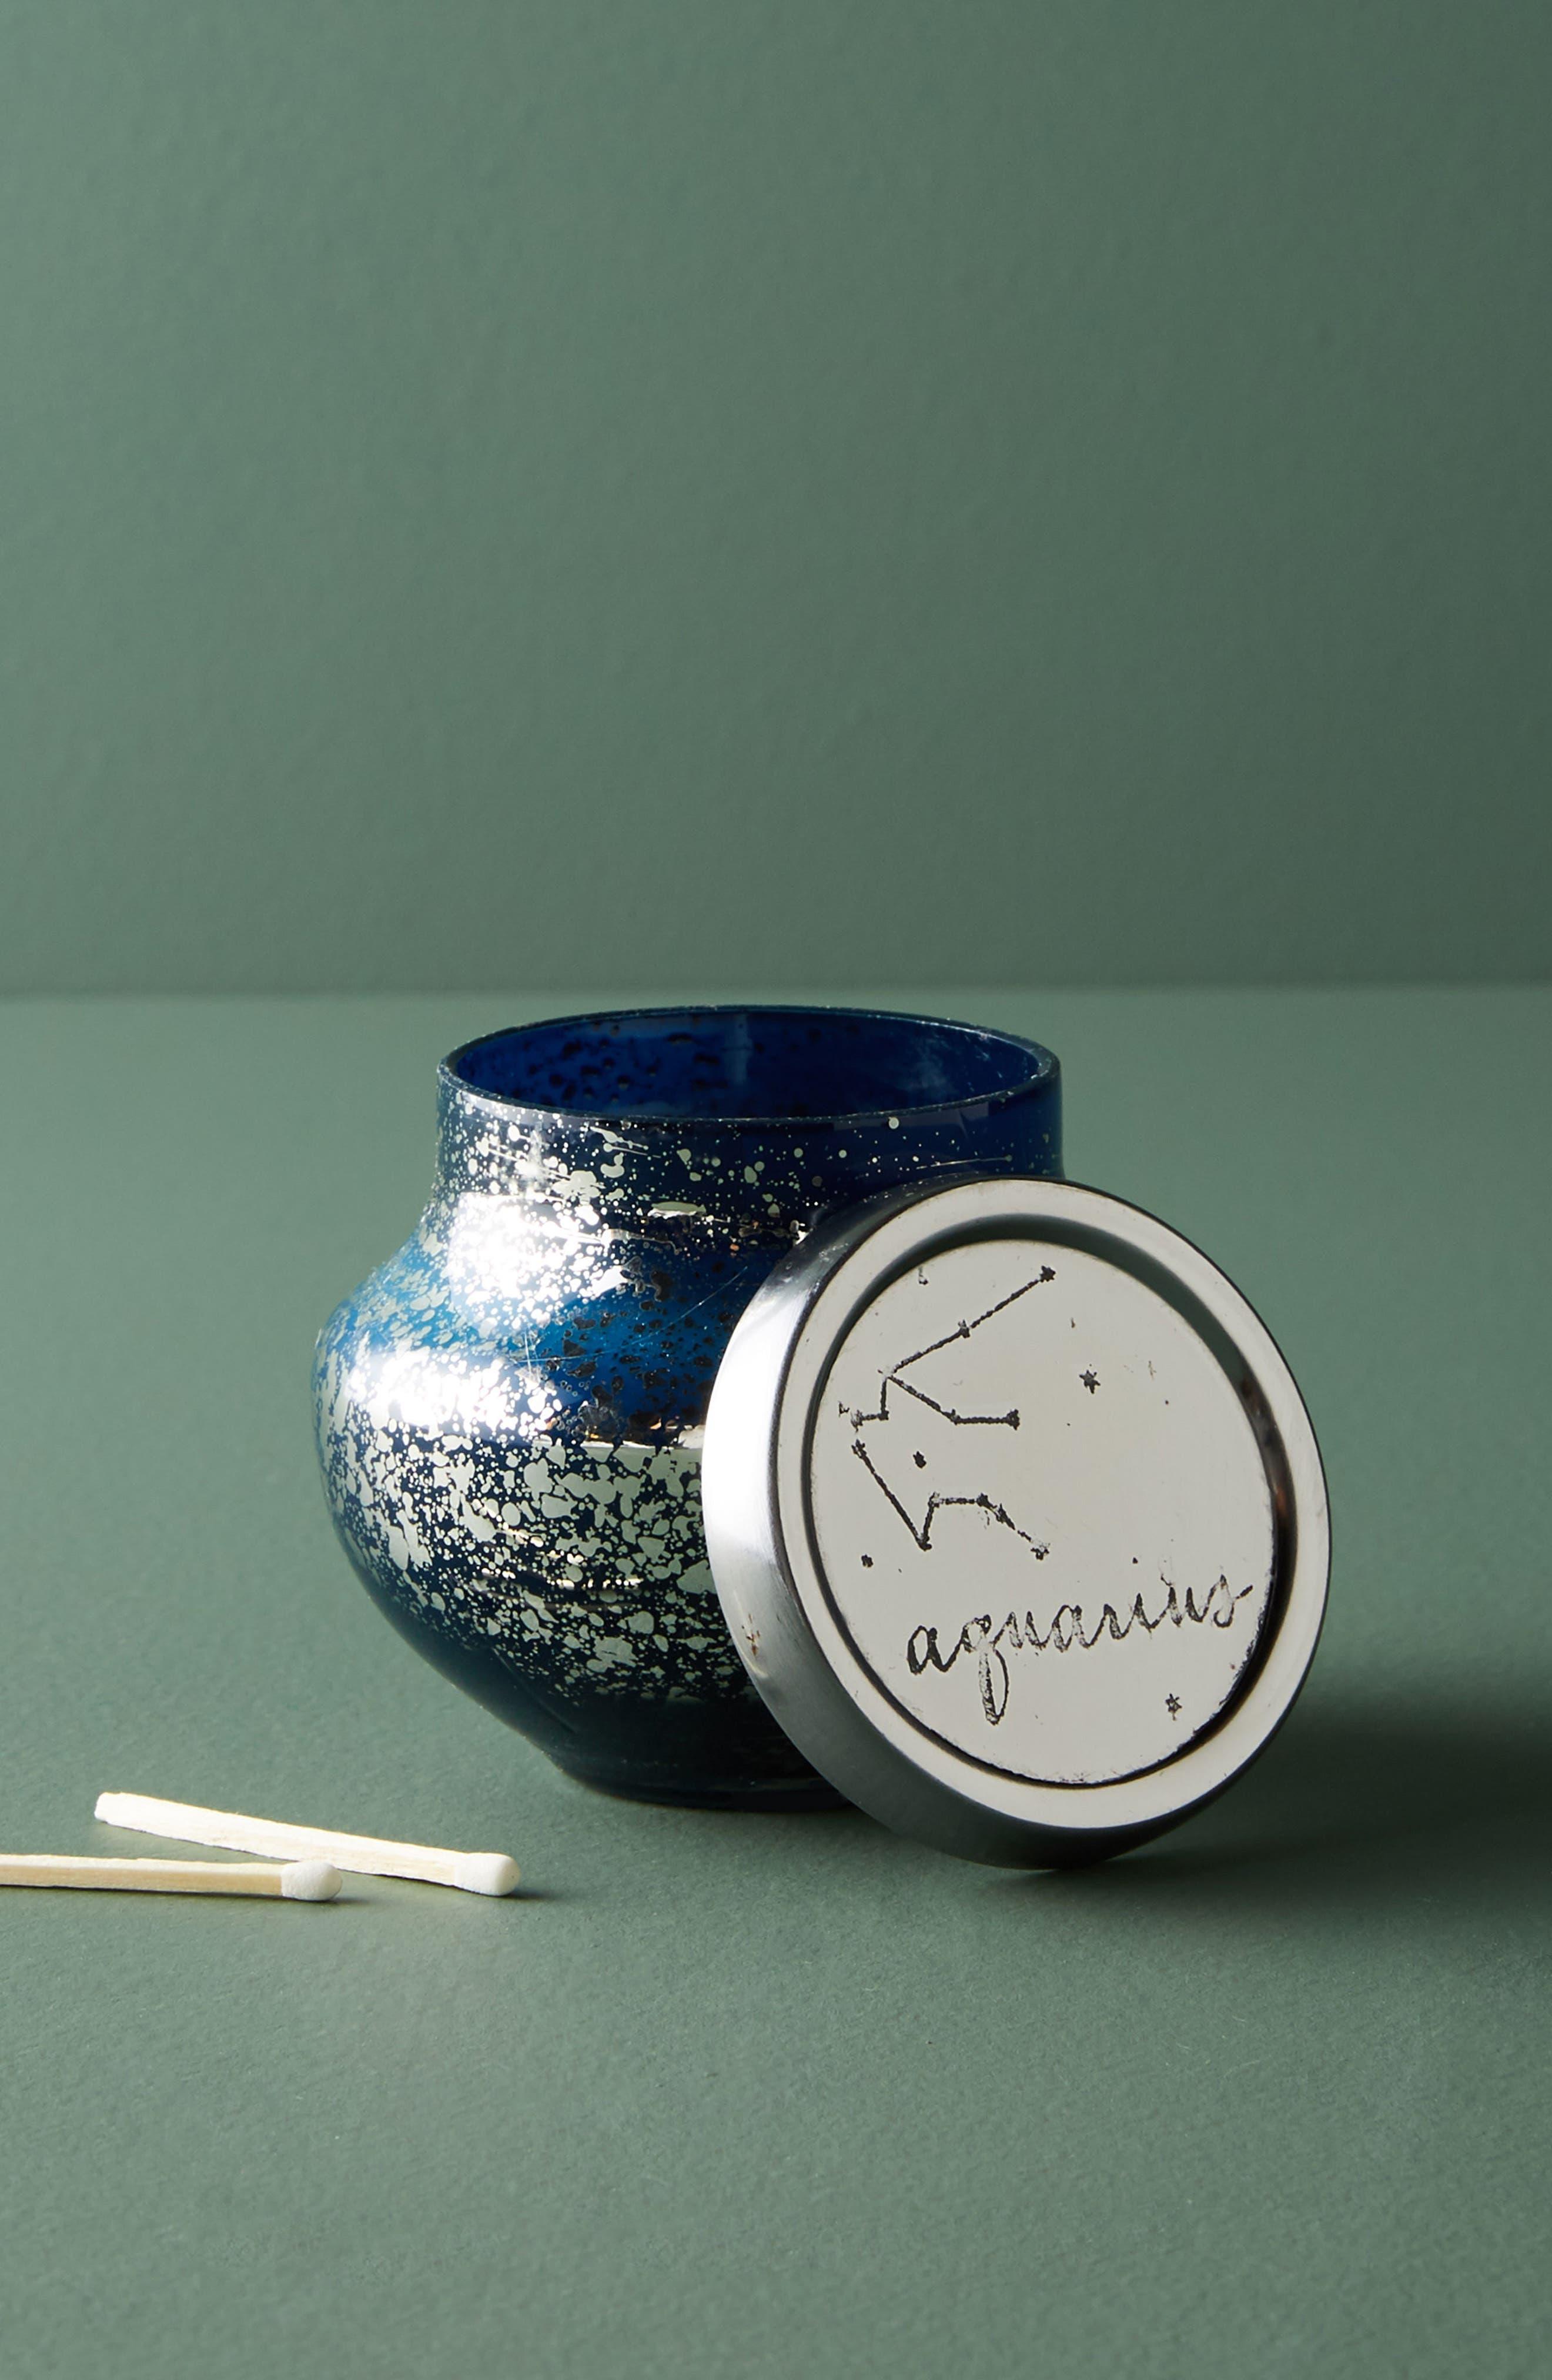 Capri Blue Zodiac Mini Jar Candle,                             Main thumbnail 1, color,                             300